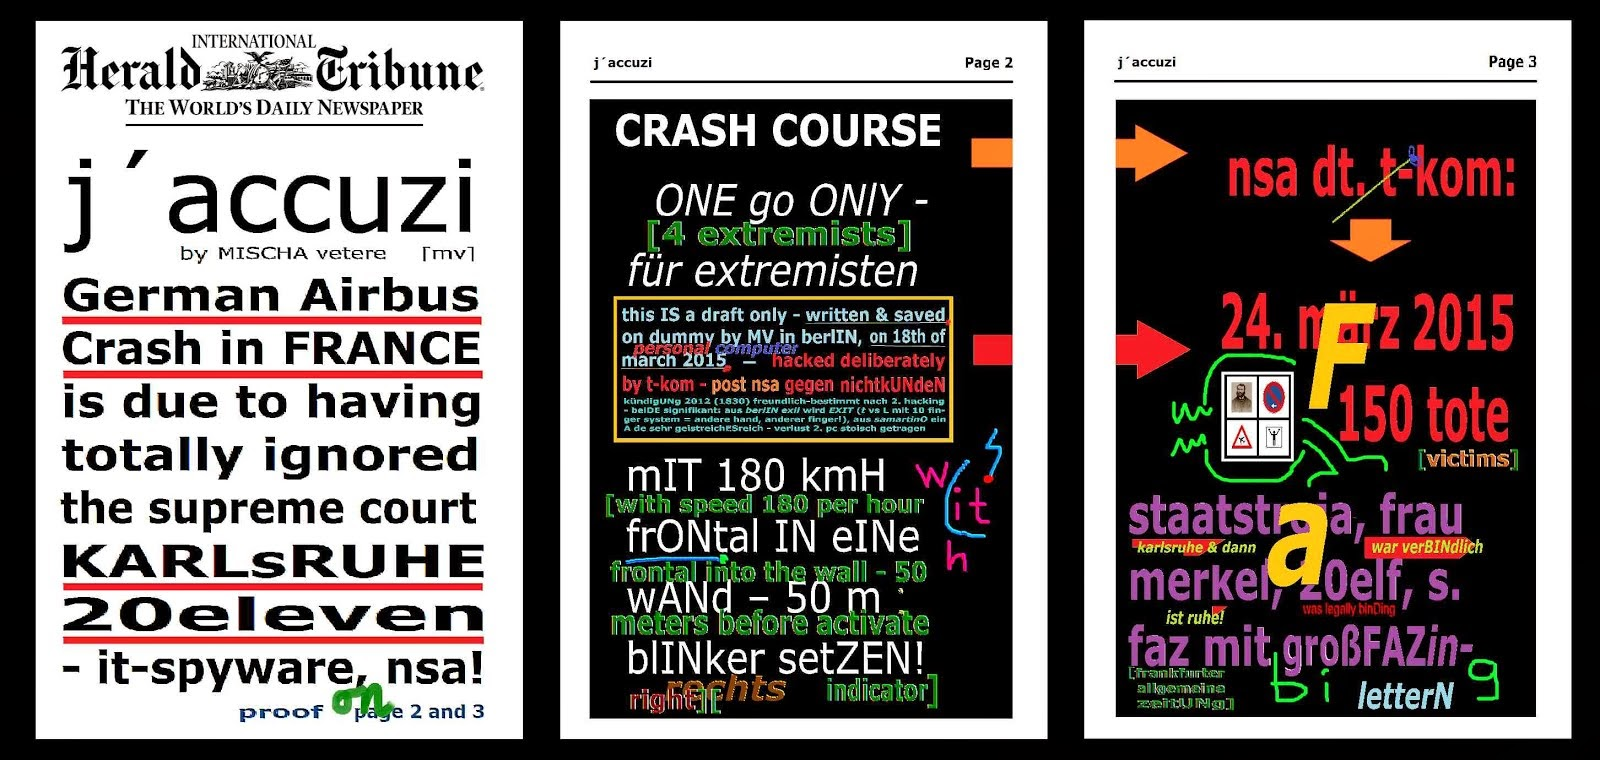 german airbus crash german wings nsa deutsche telekom gegen mischa vetere THE MENTAL REVOLUTION hs